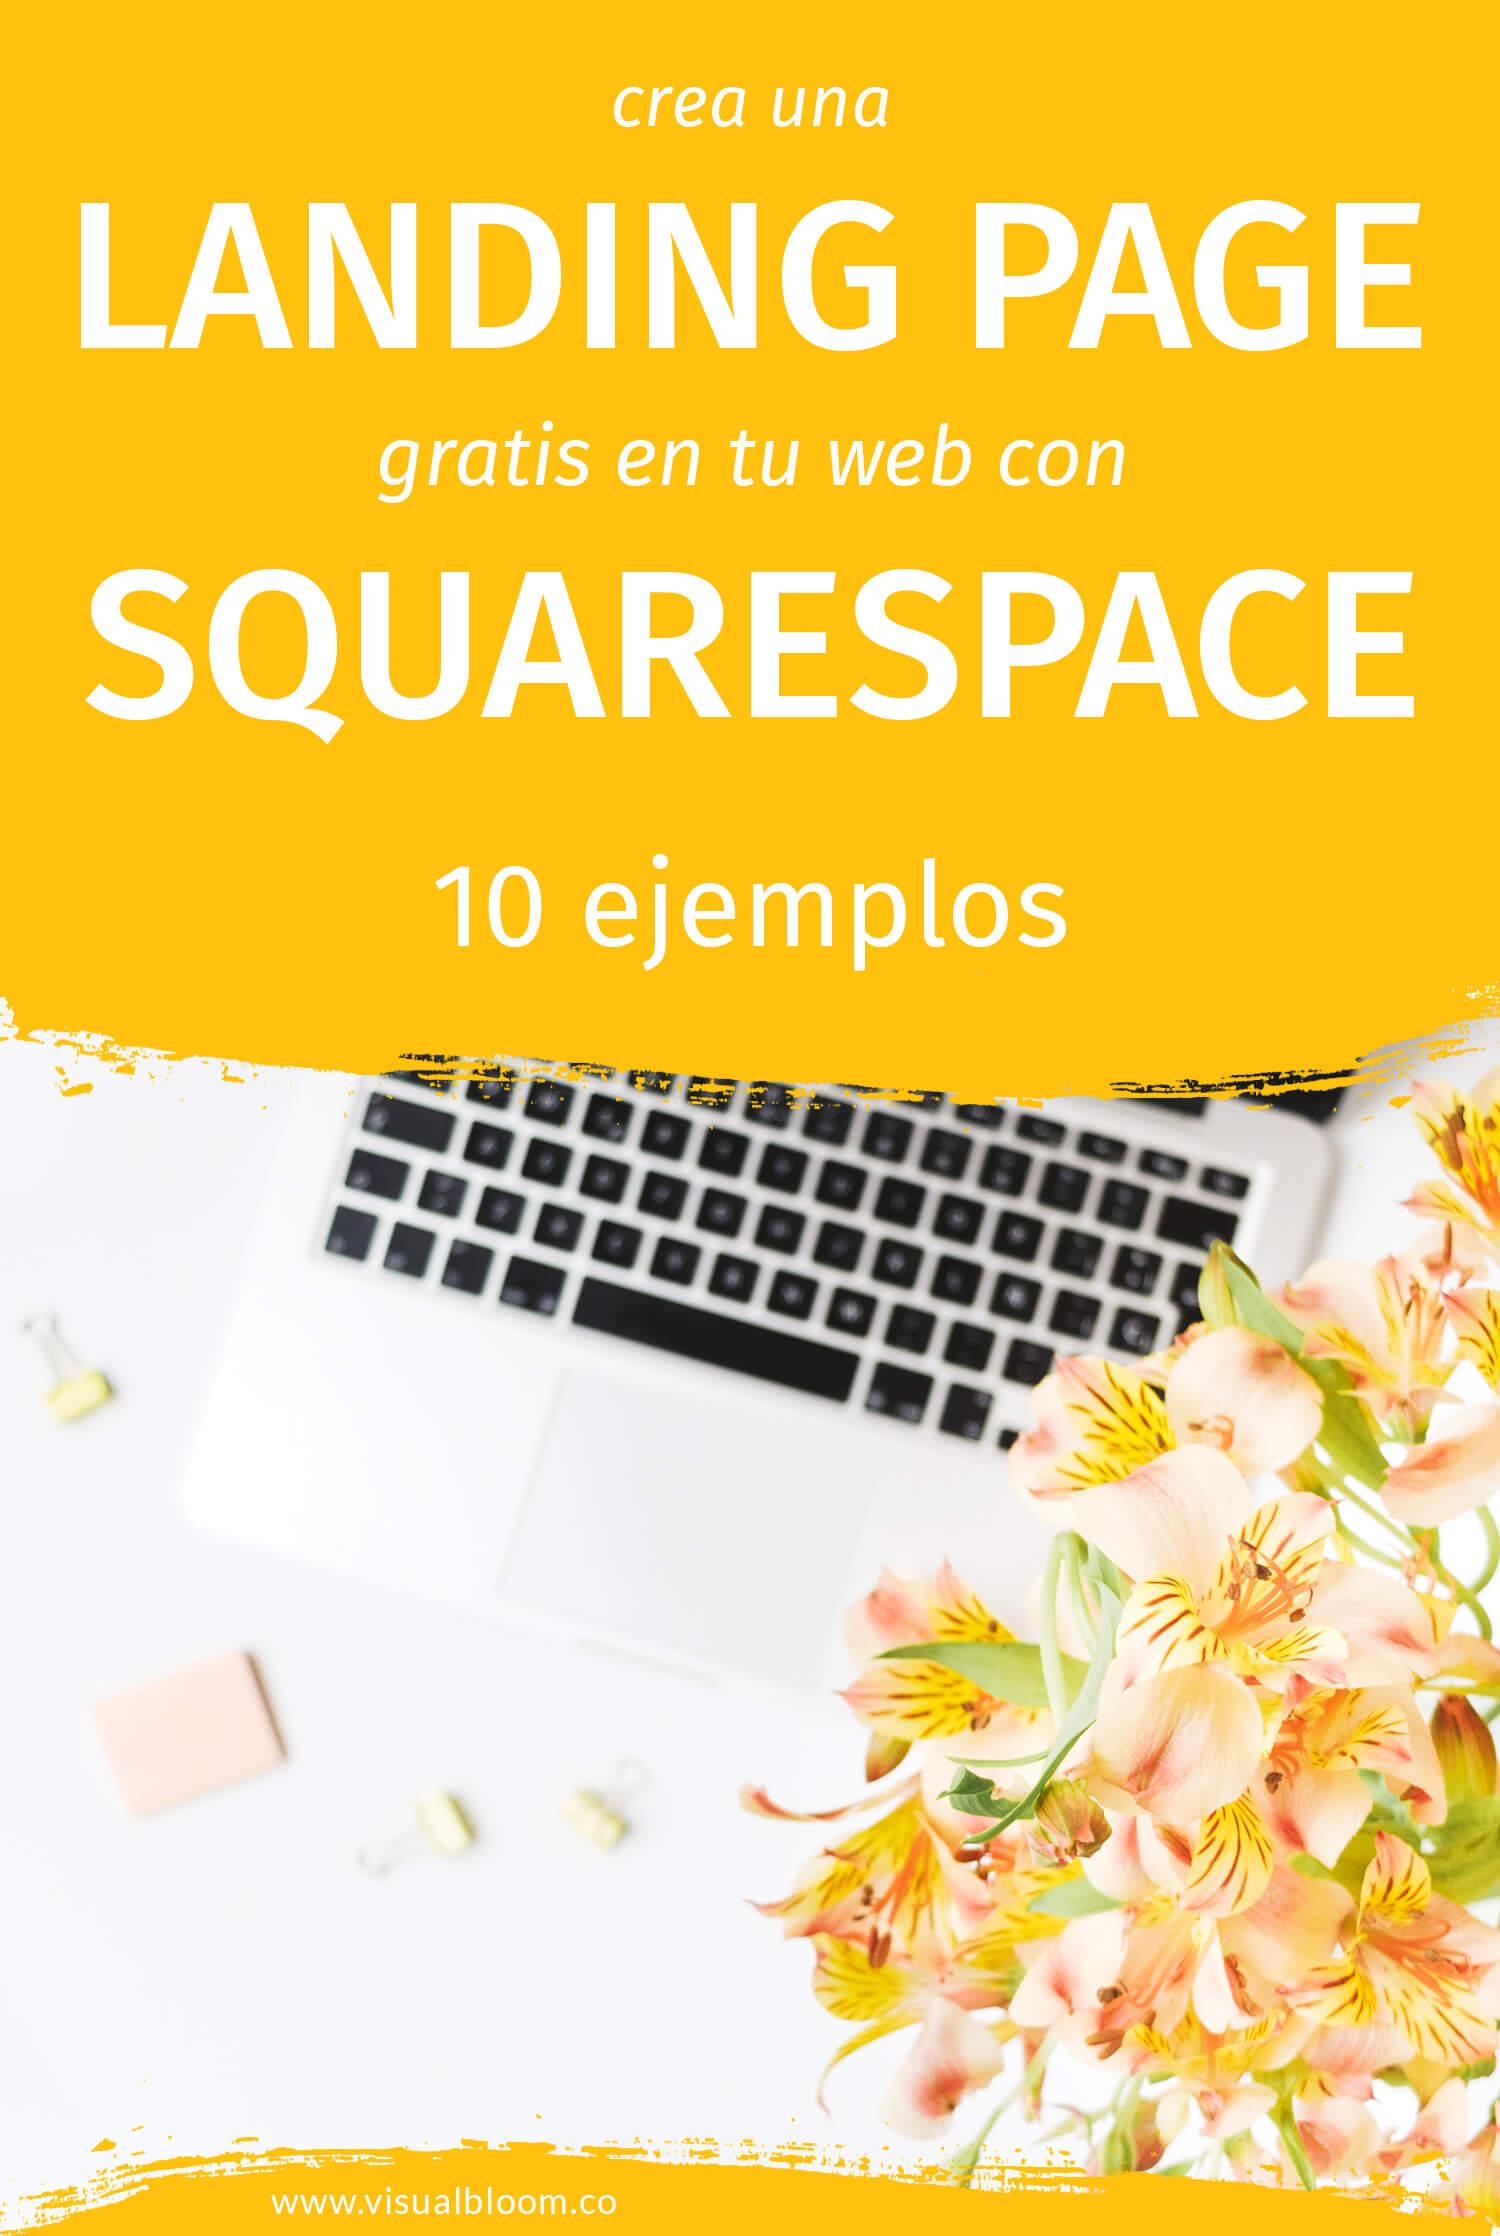 crea landing pages gratis con Squarespace